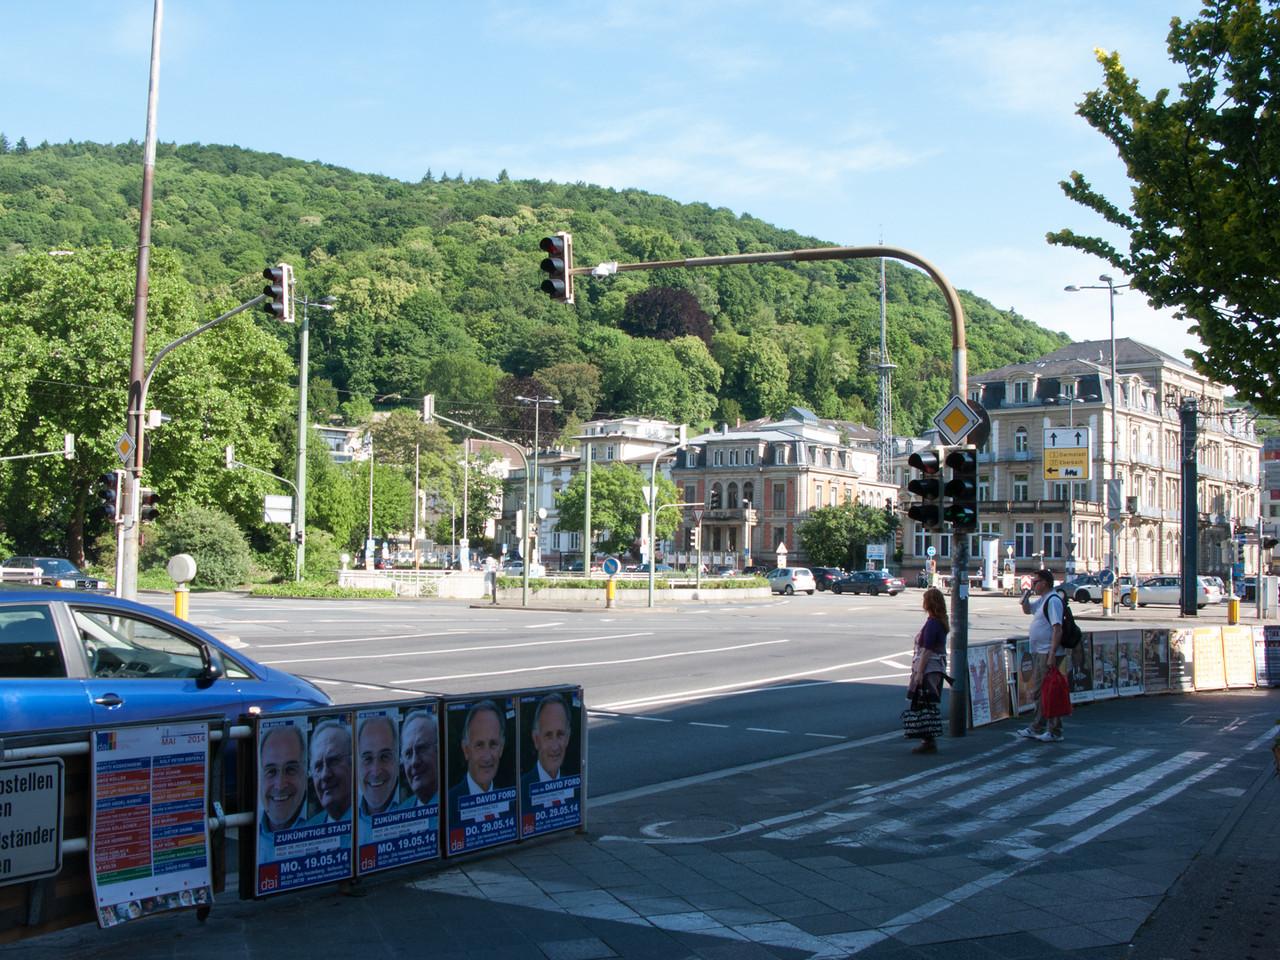 heidelberg_2014-05-20_1001